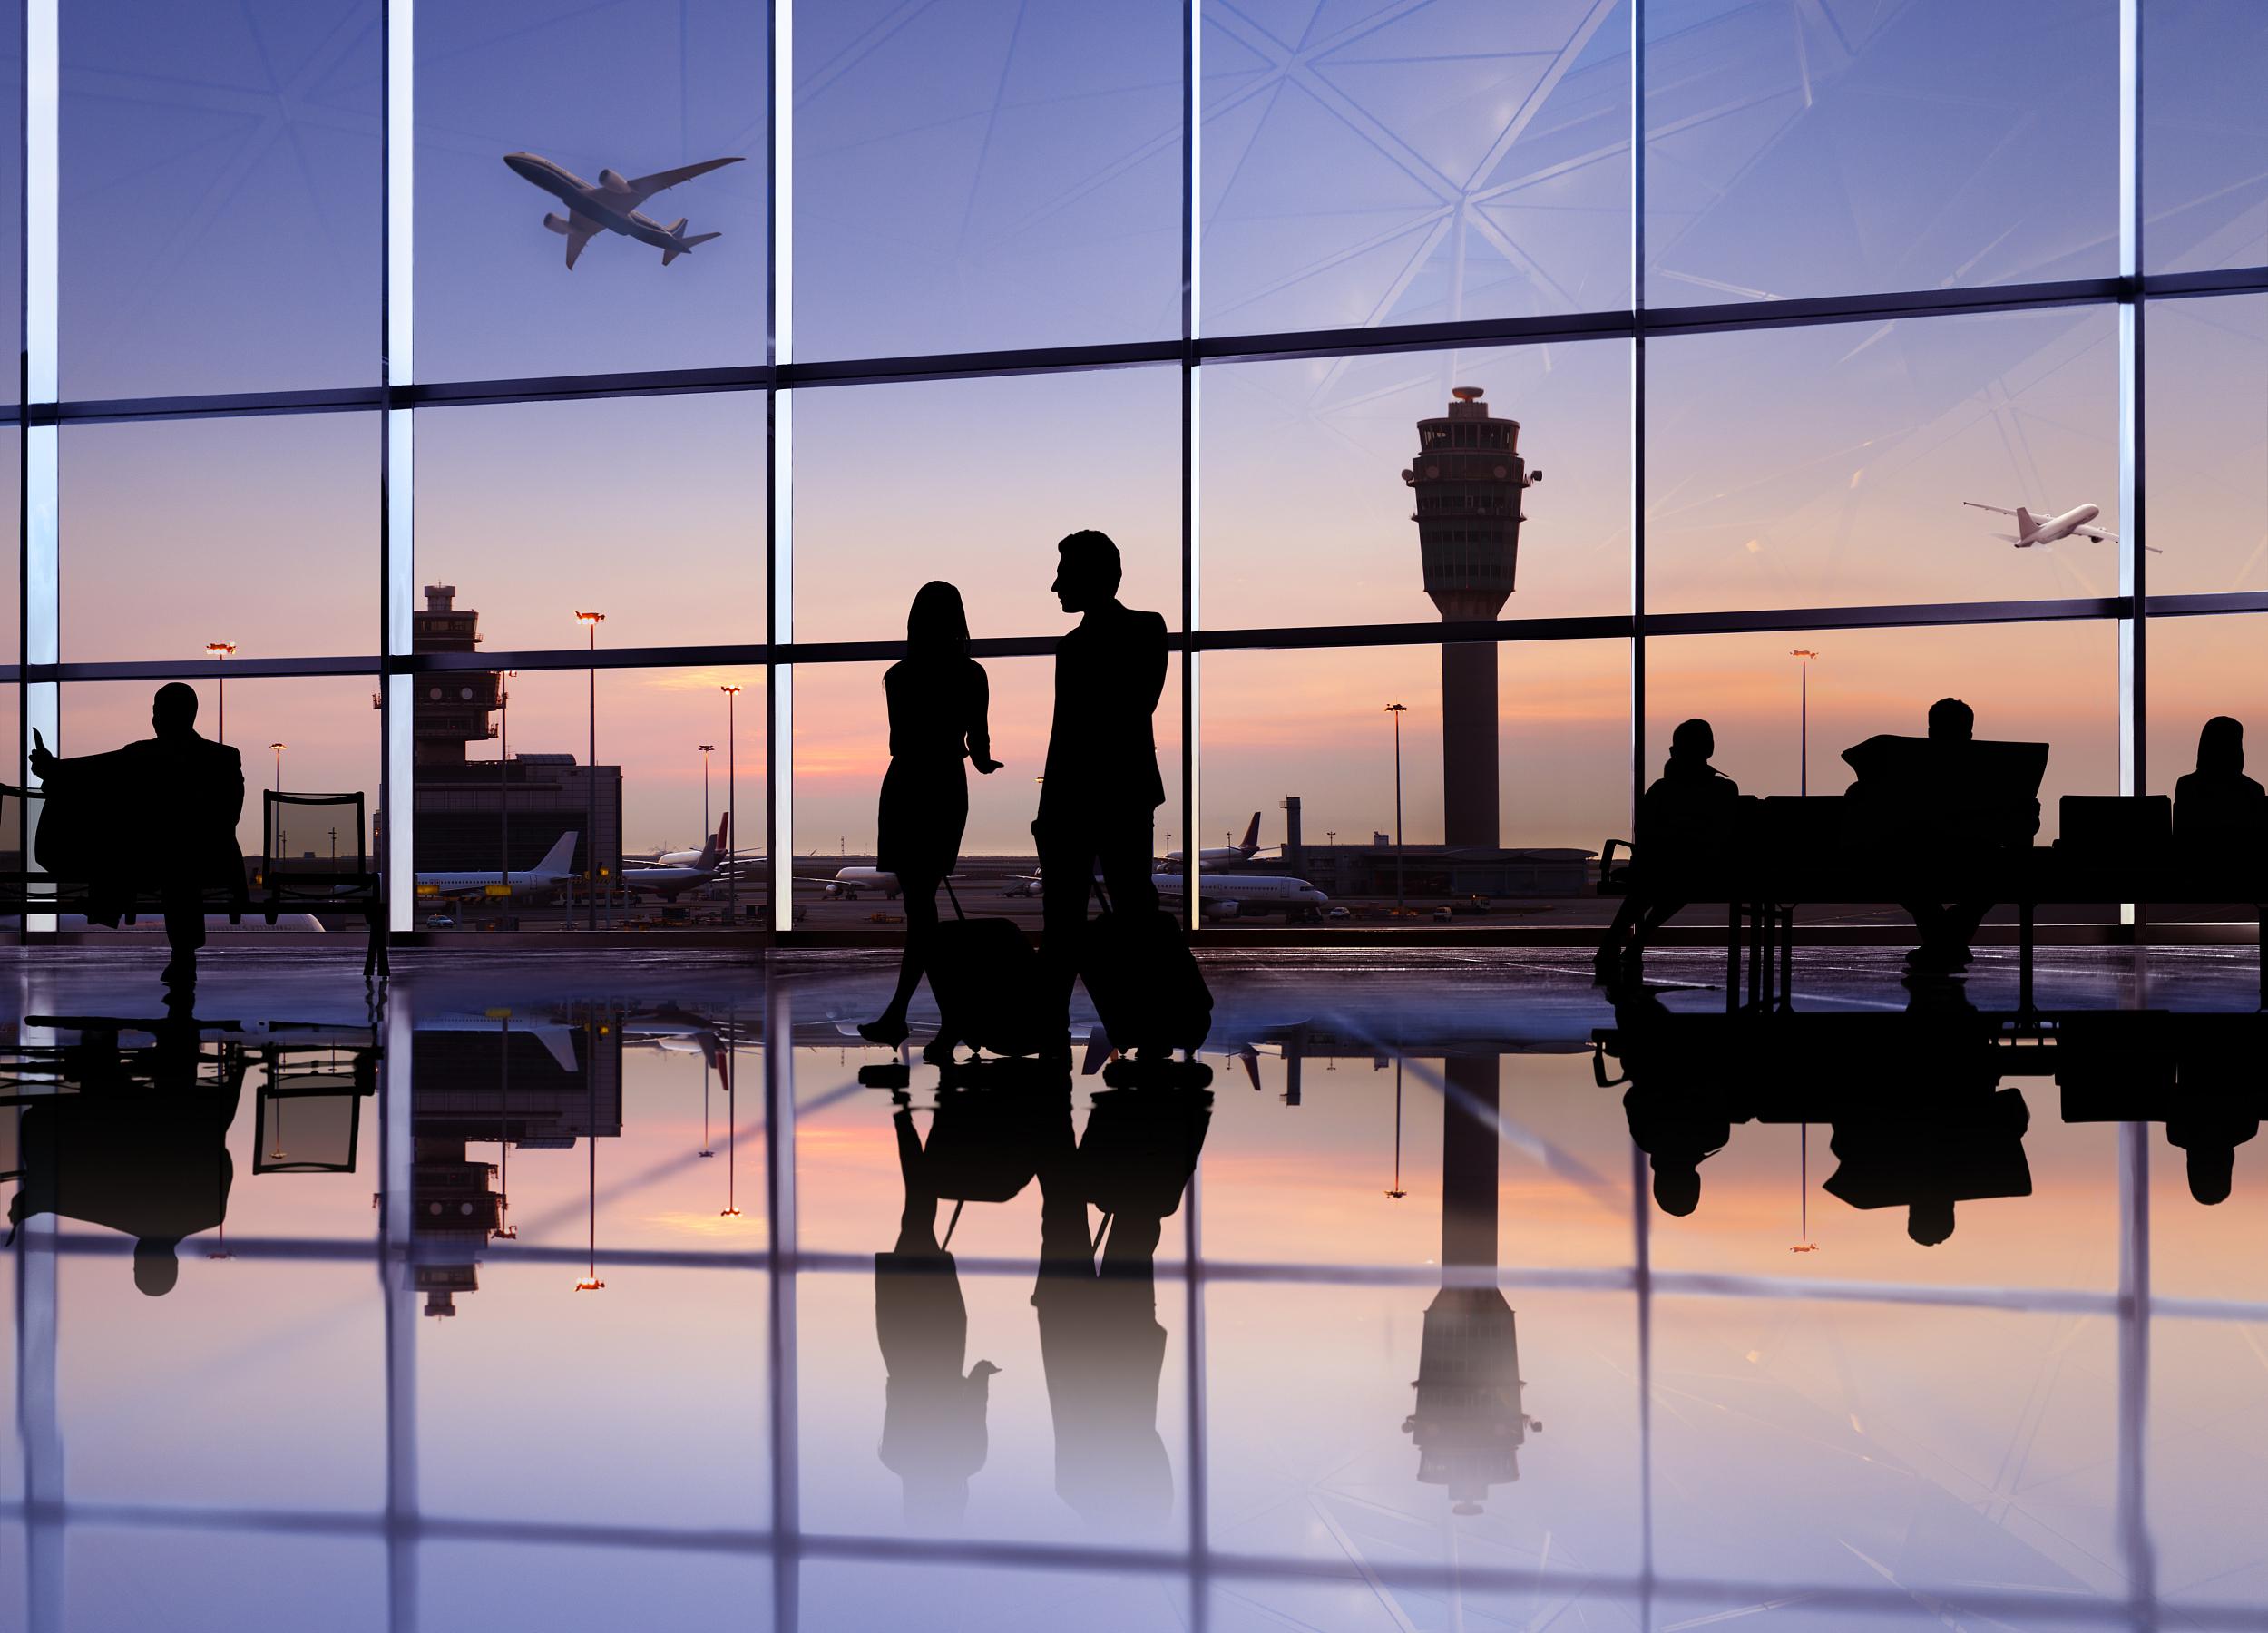 高油价下的牺牲品:全球航空业